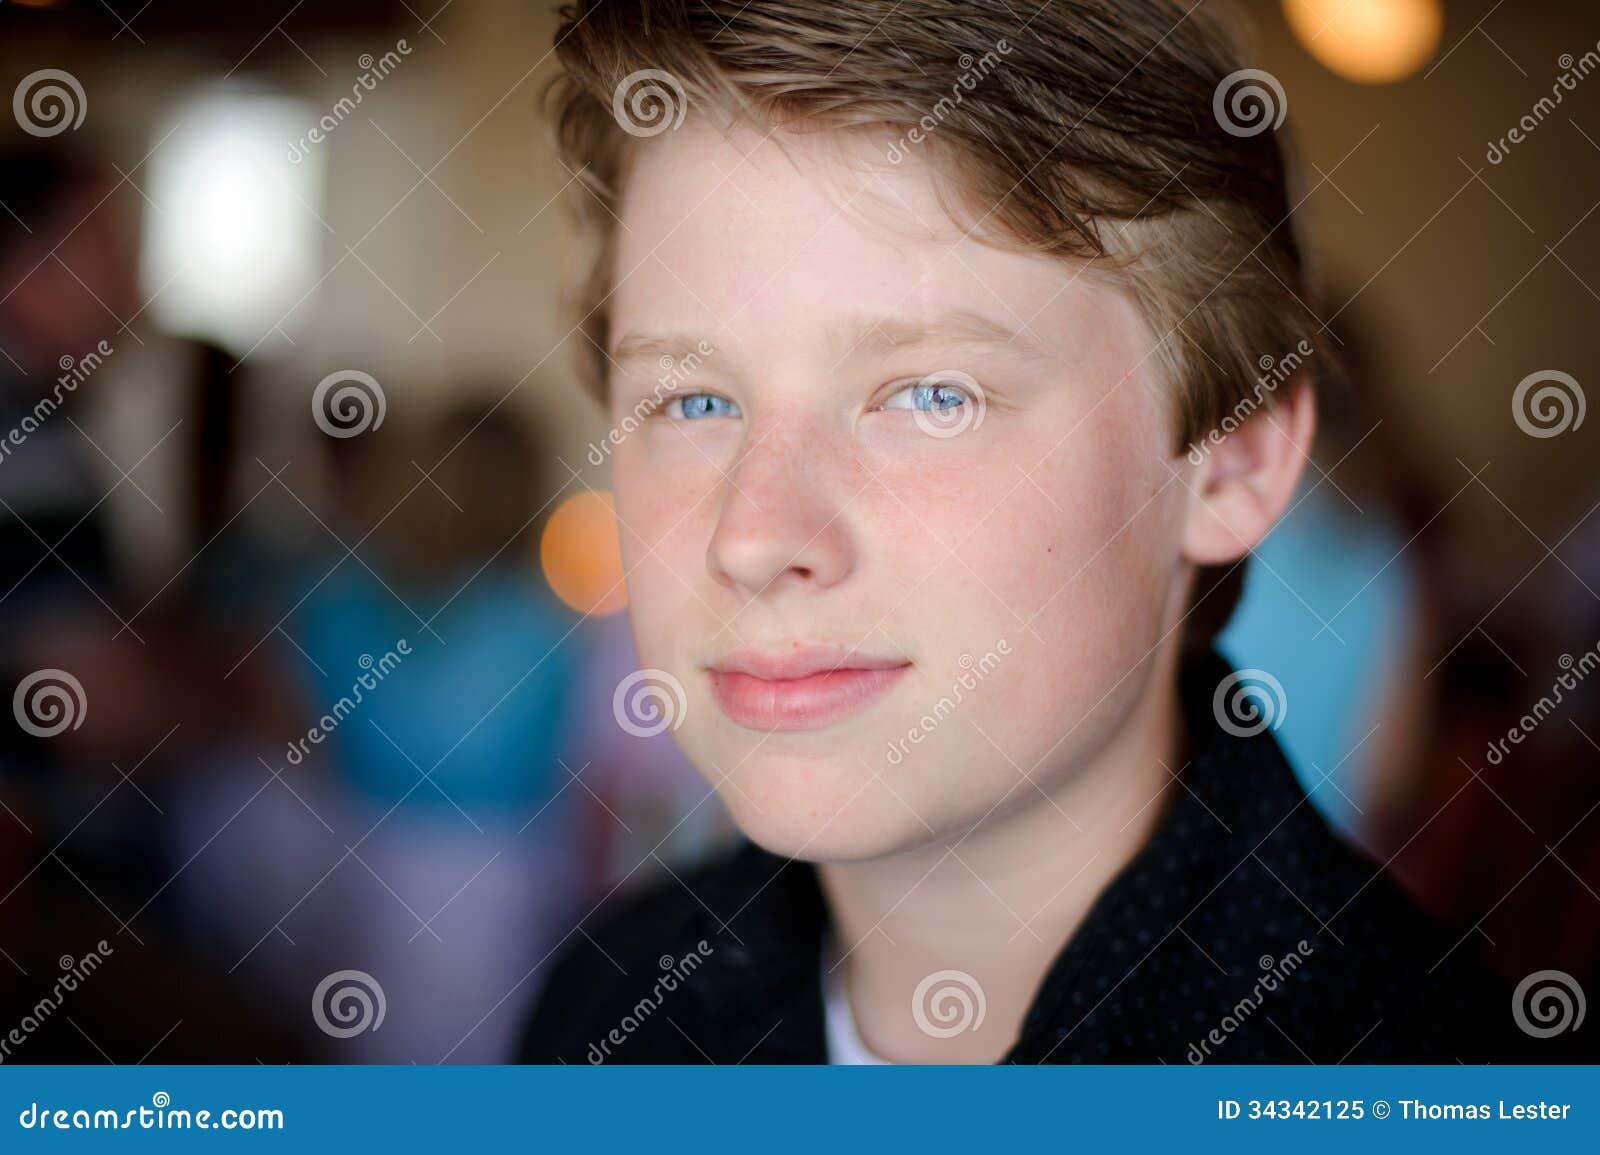 h bscher junge mit dem blonden haar und den blauen augen im gro en licht lizenzfreies stockfoto. Black Bedroom Furniture Sets. Home Design Ideas